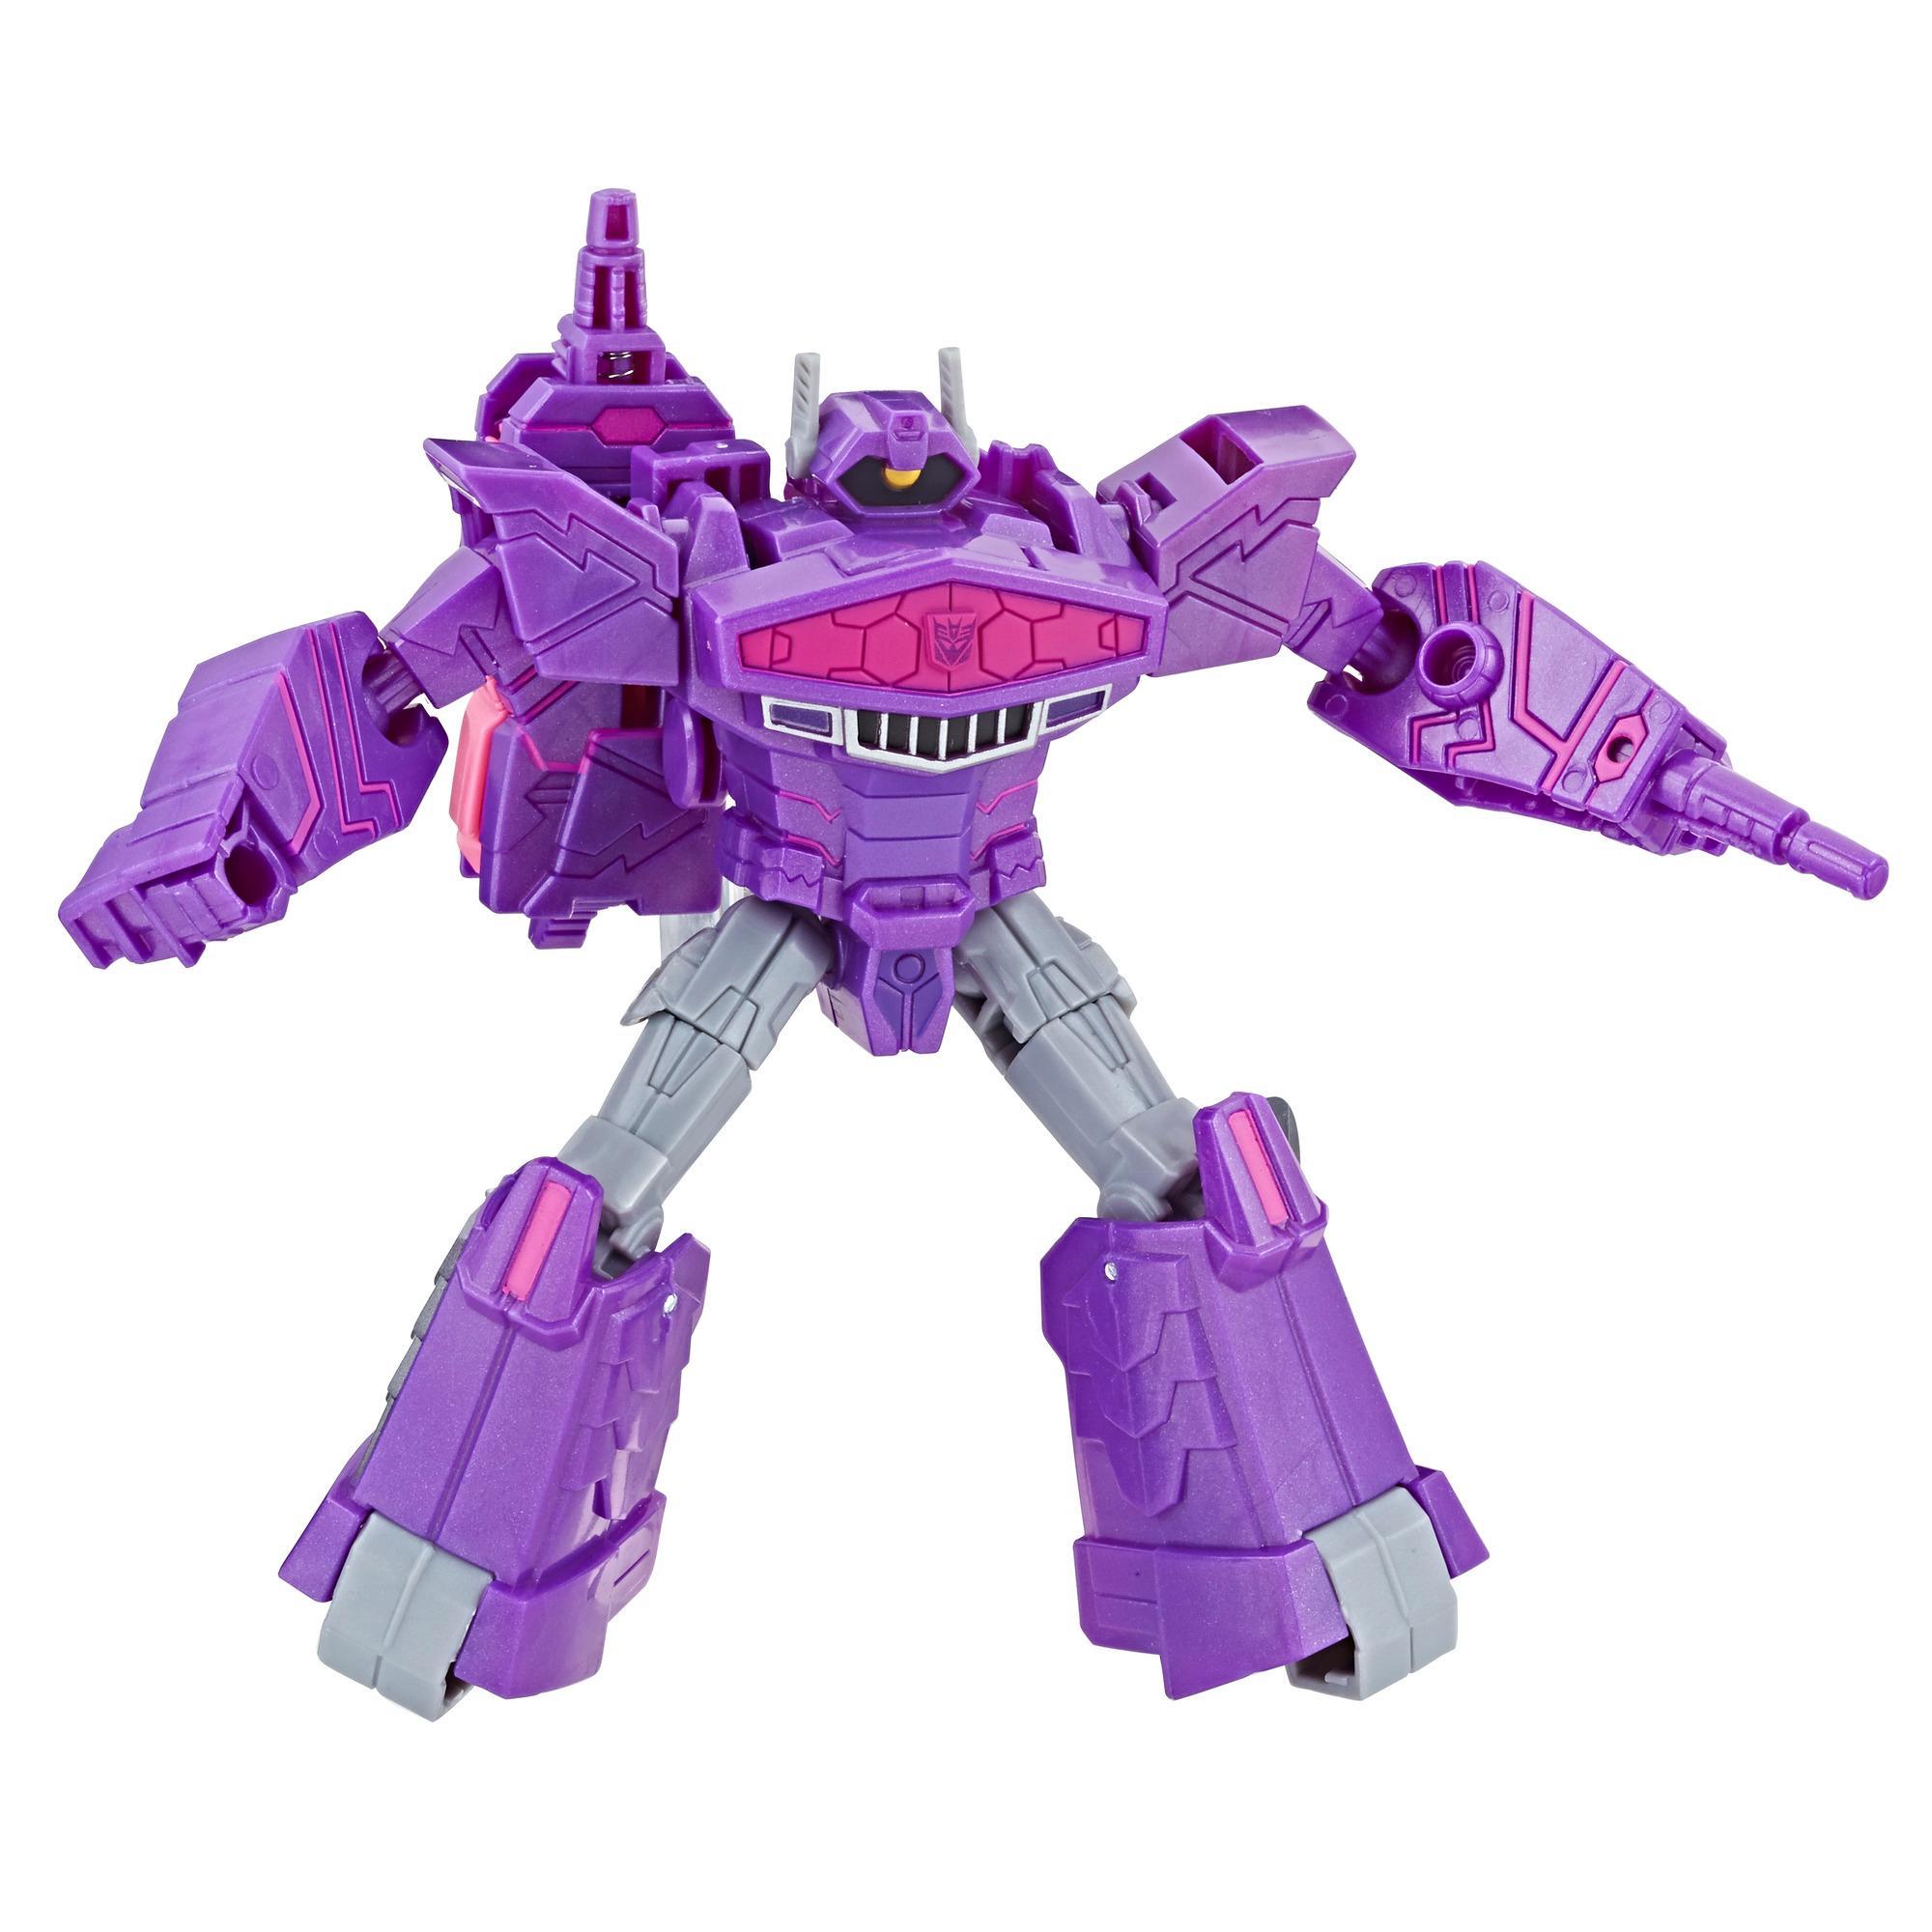 Transformers Cyberverse clase guerrero - Decepticon Shockwave